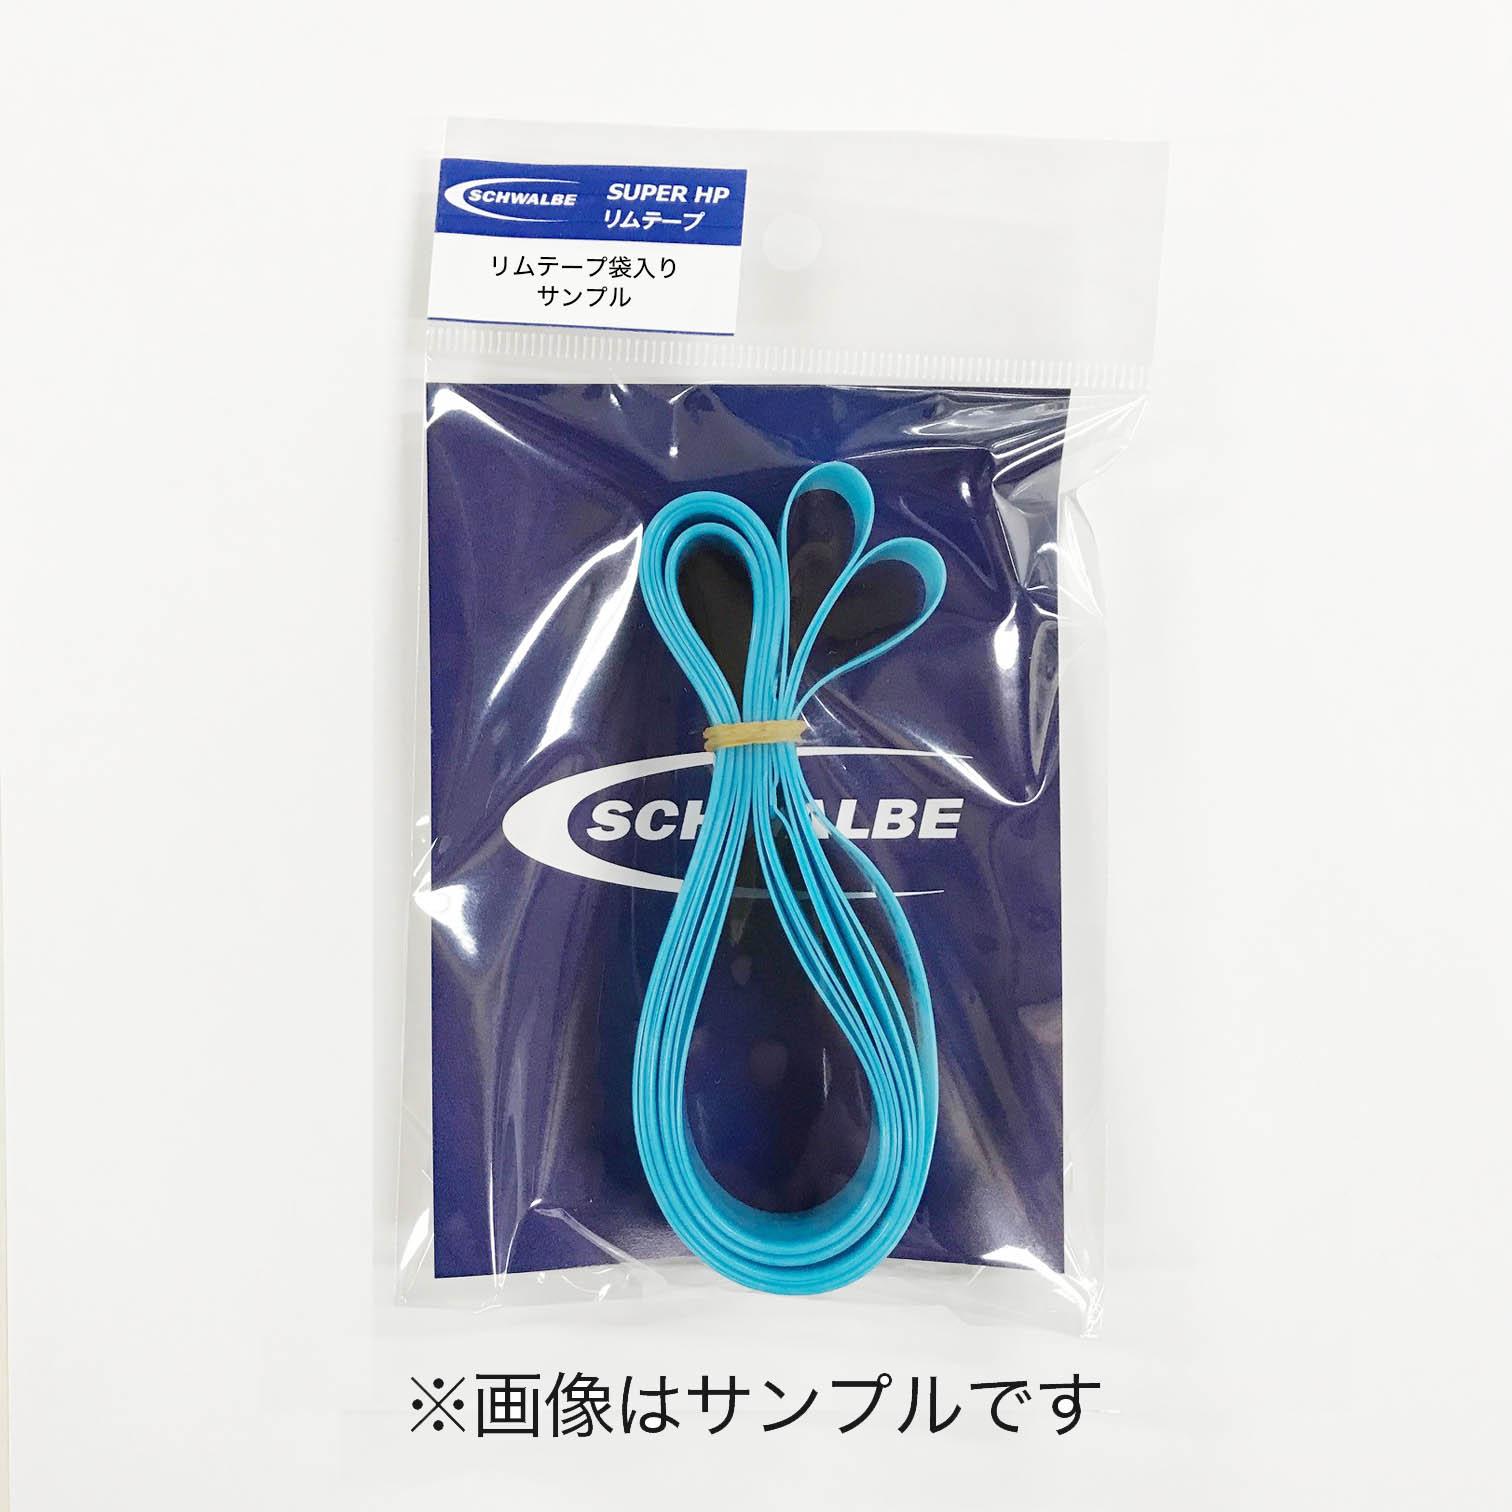 SCHWALBE(シュワルベ)HPリムテープ 2本 ブルー 25-584/27.5